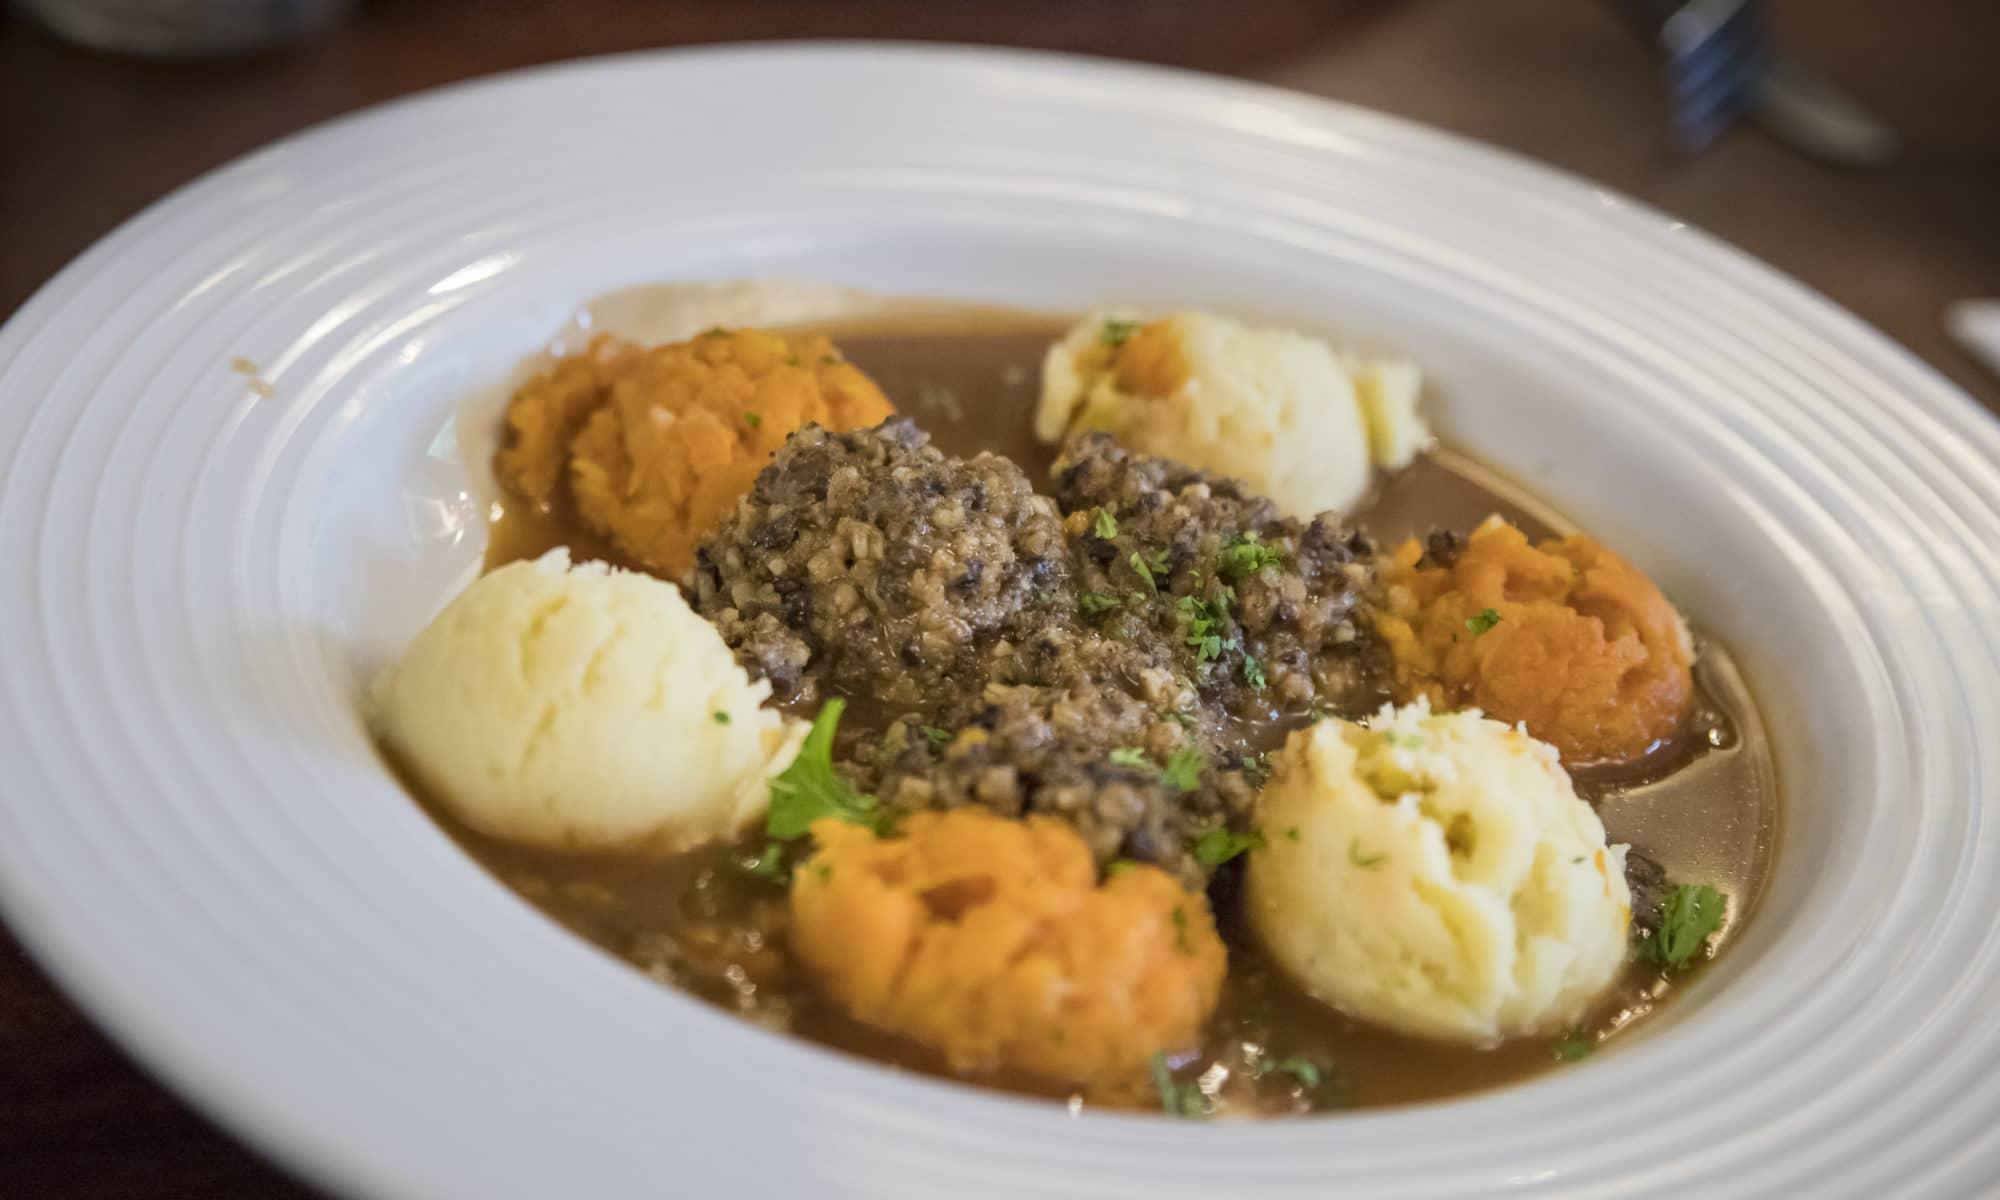 Le haggis plat traditionnel écossais